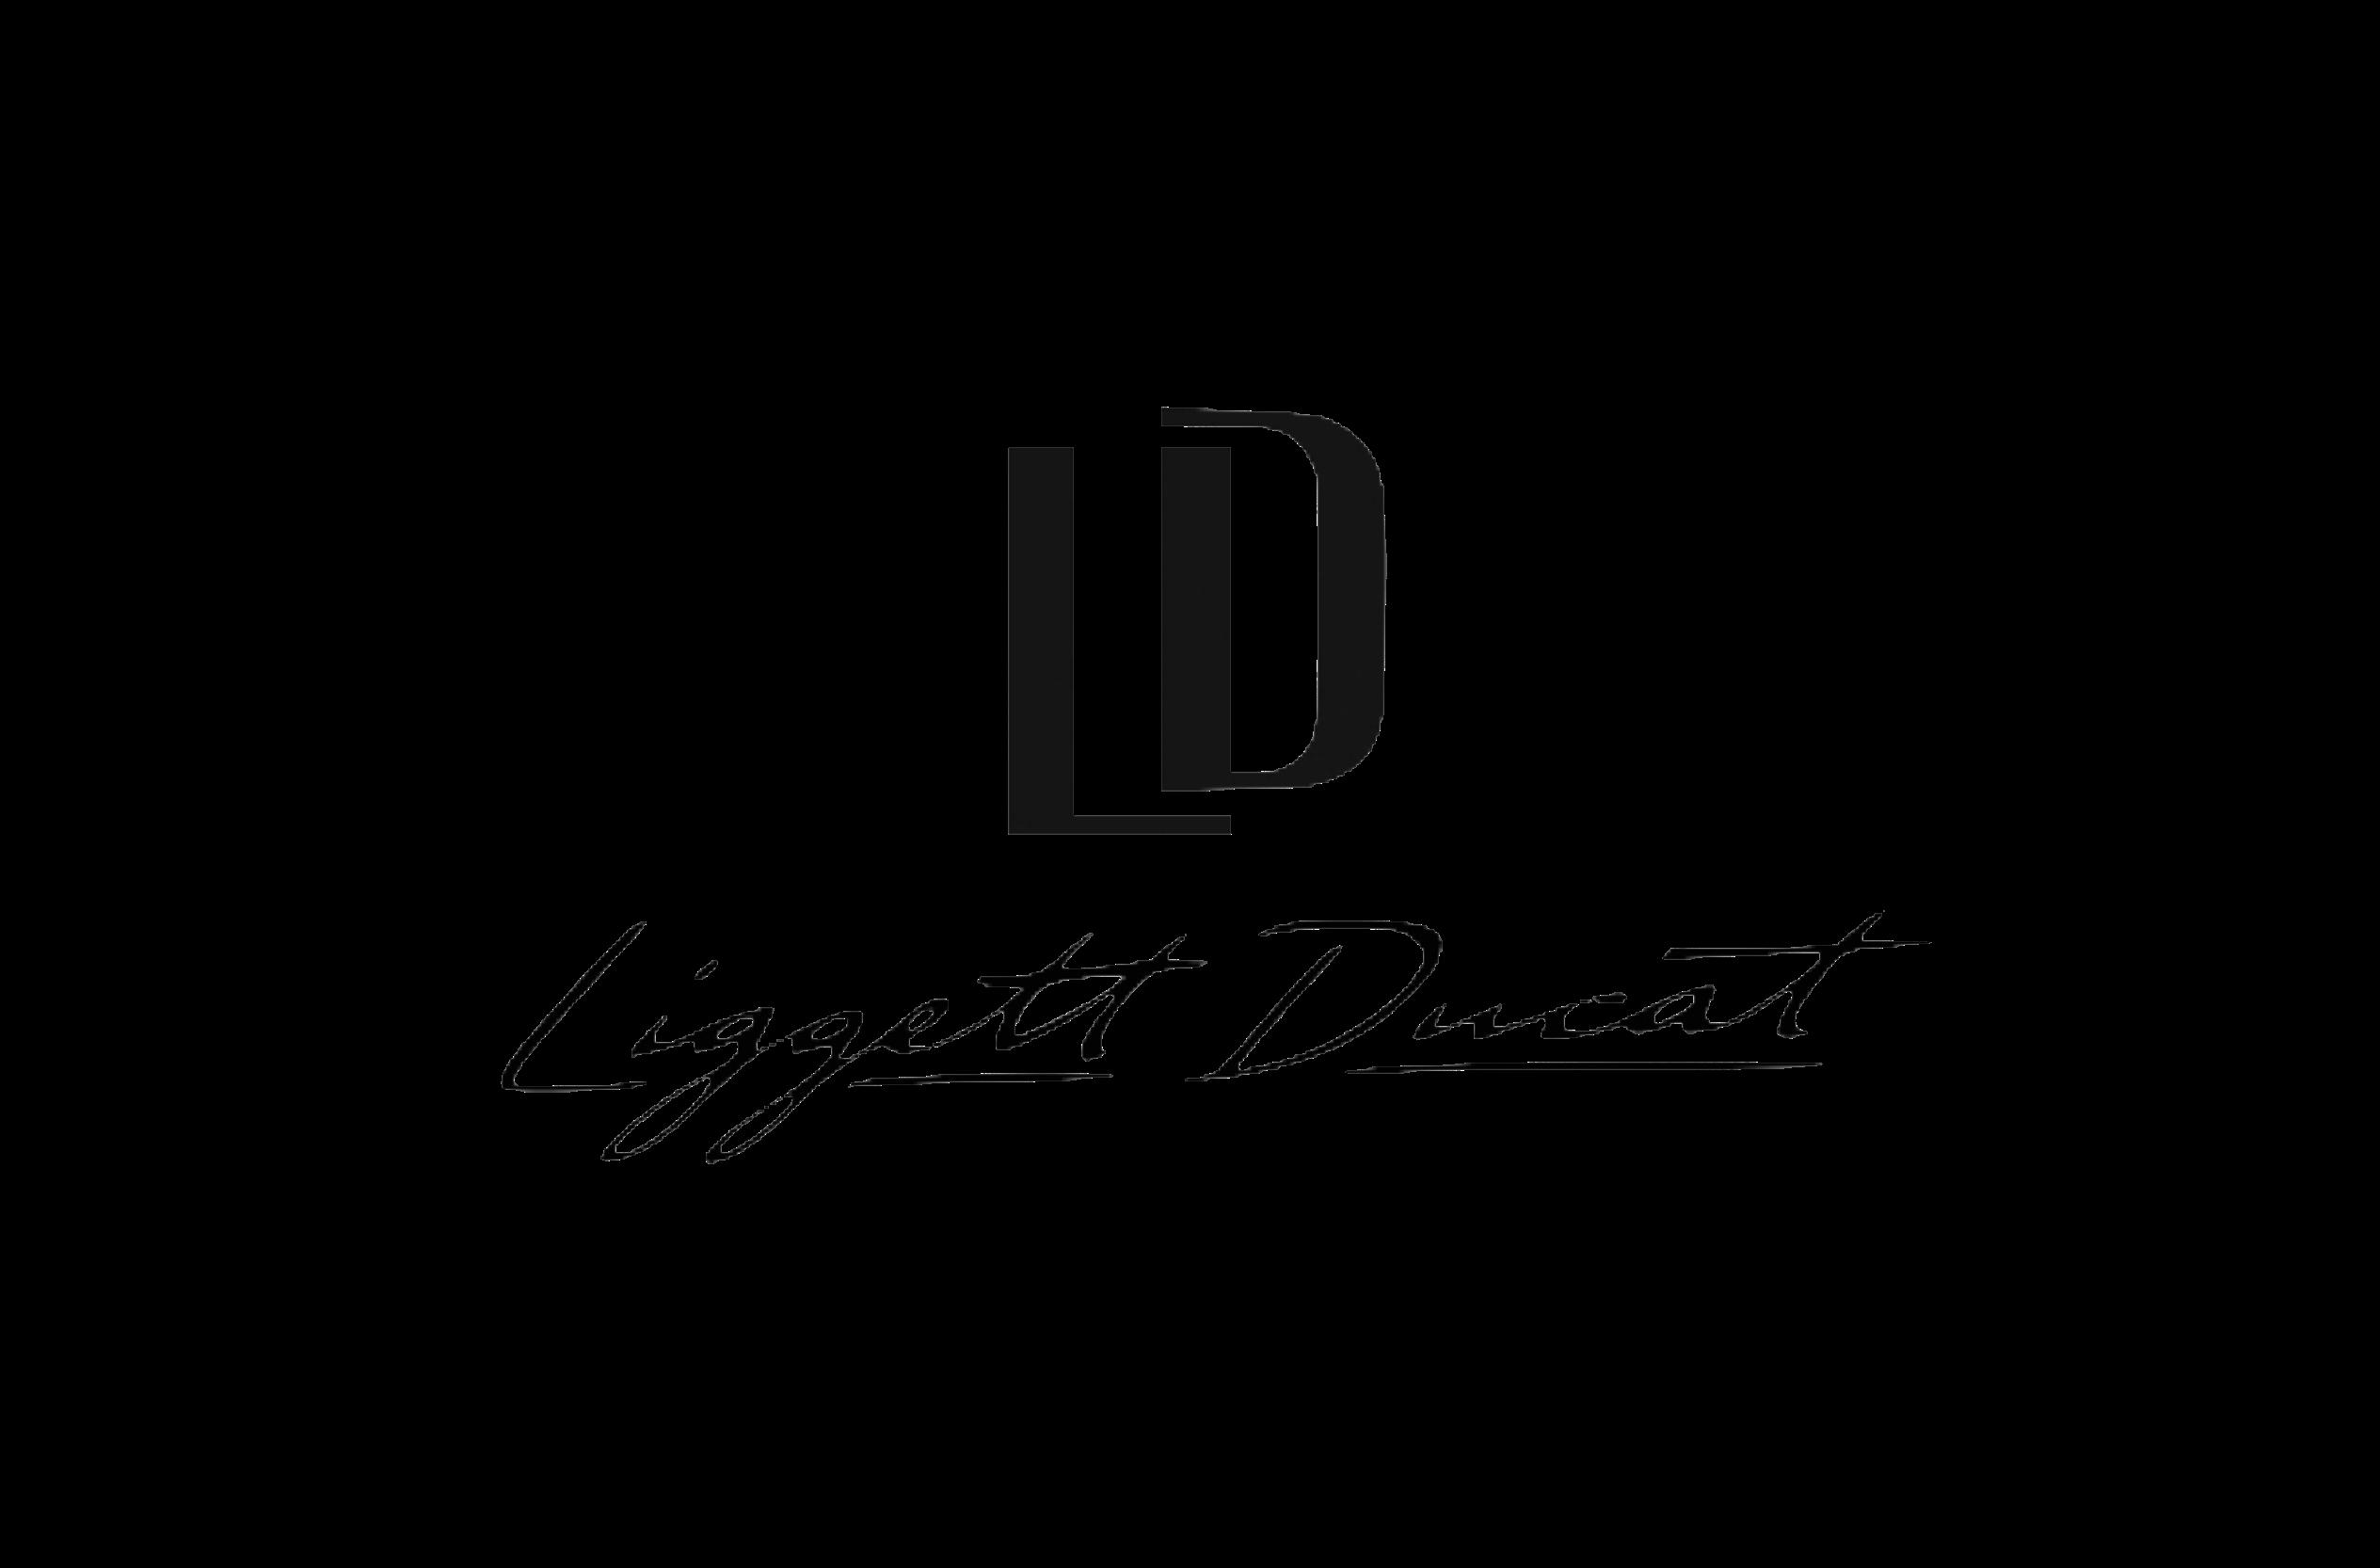 Client - LD - logo black